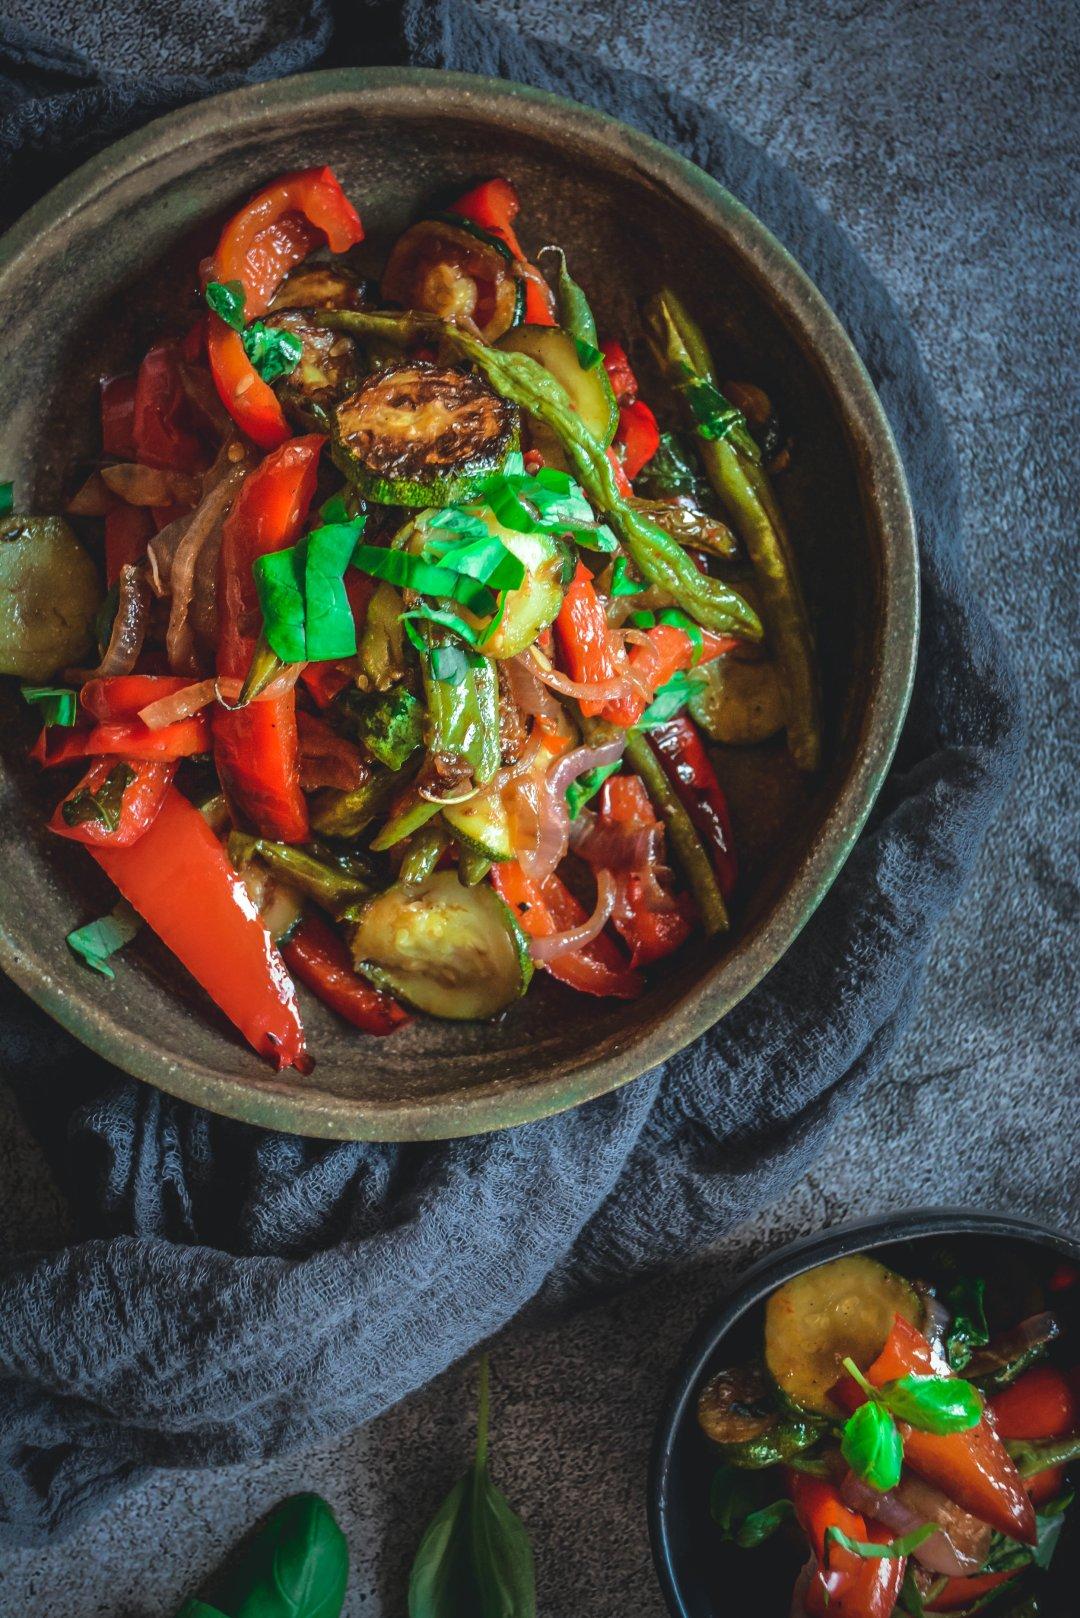 Grilled vegetables I bowls on napkin